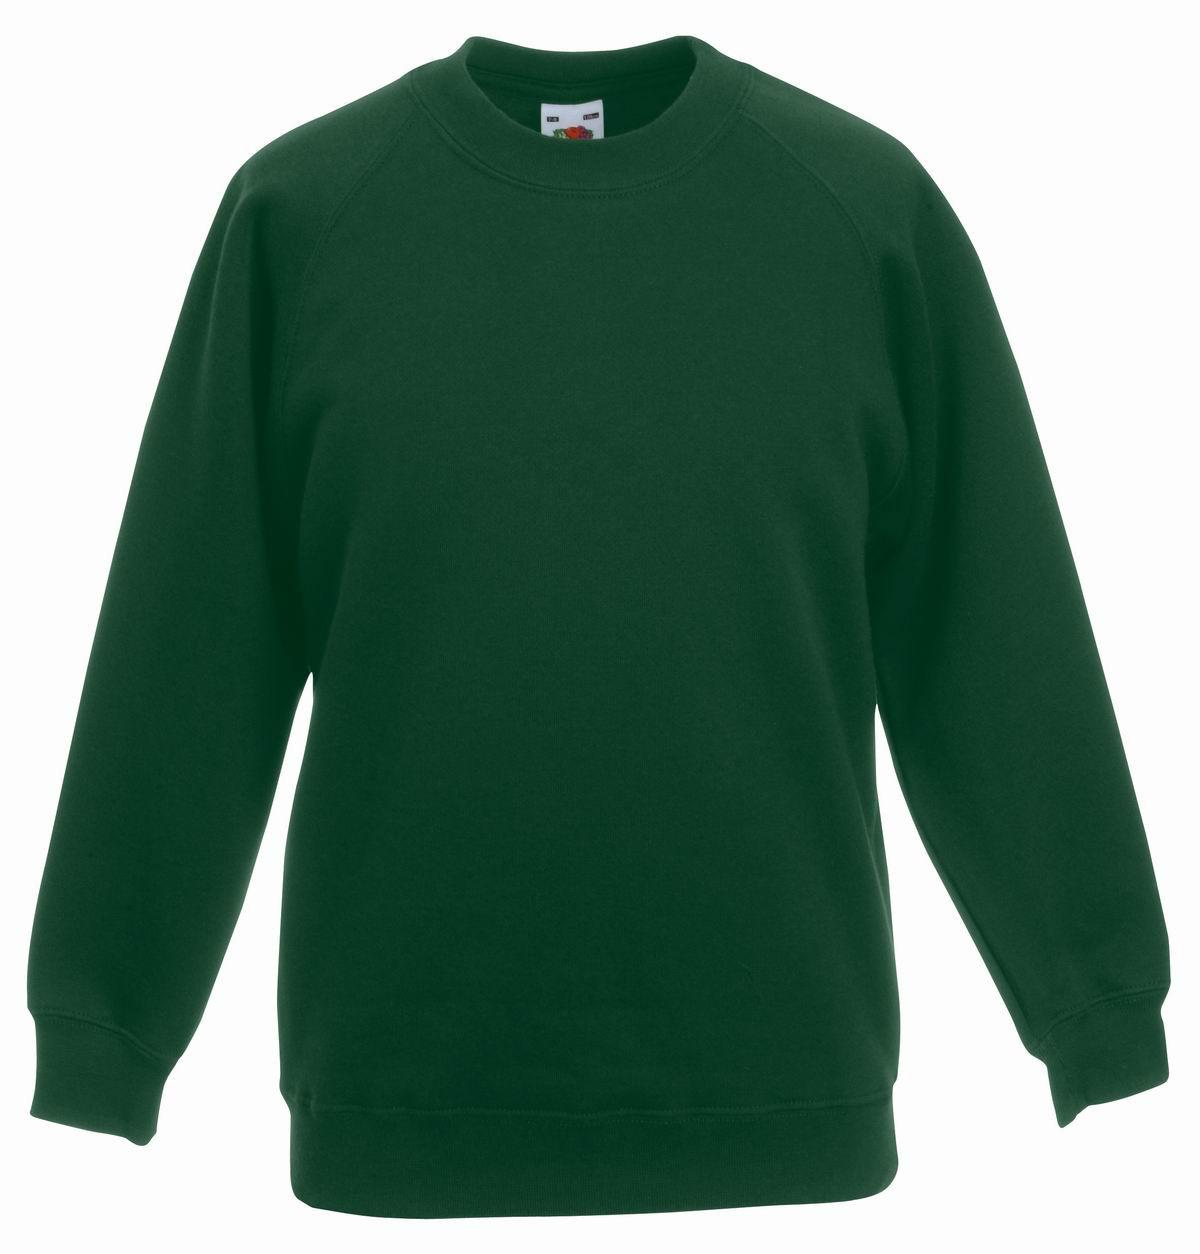 Толстовка детская Classic Kids Raglan Sweat, рост 128 (7-8лет), Тёмно-зелёный (бутылочный)